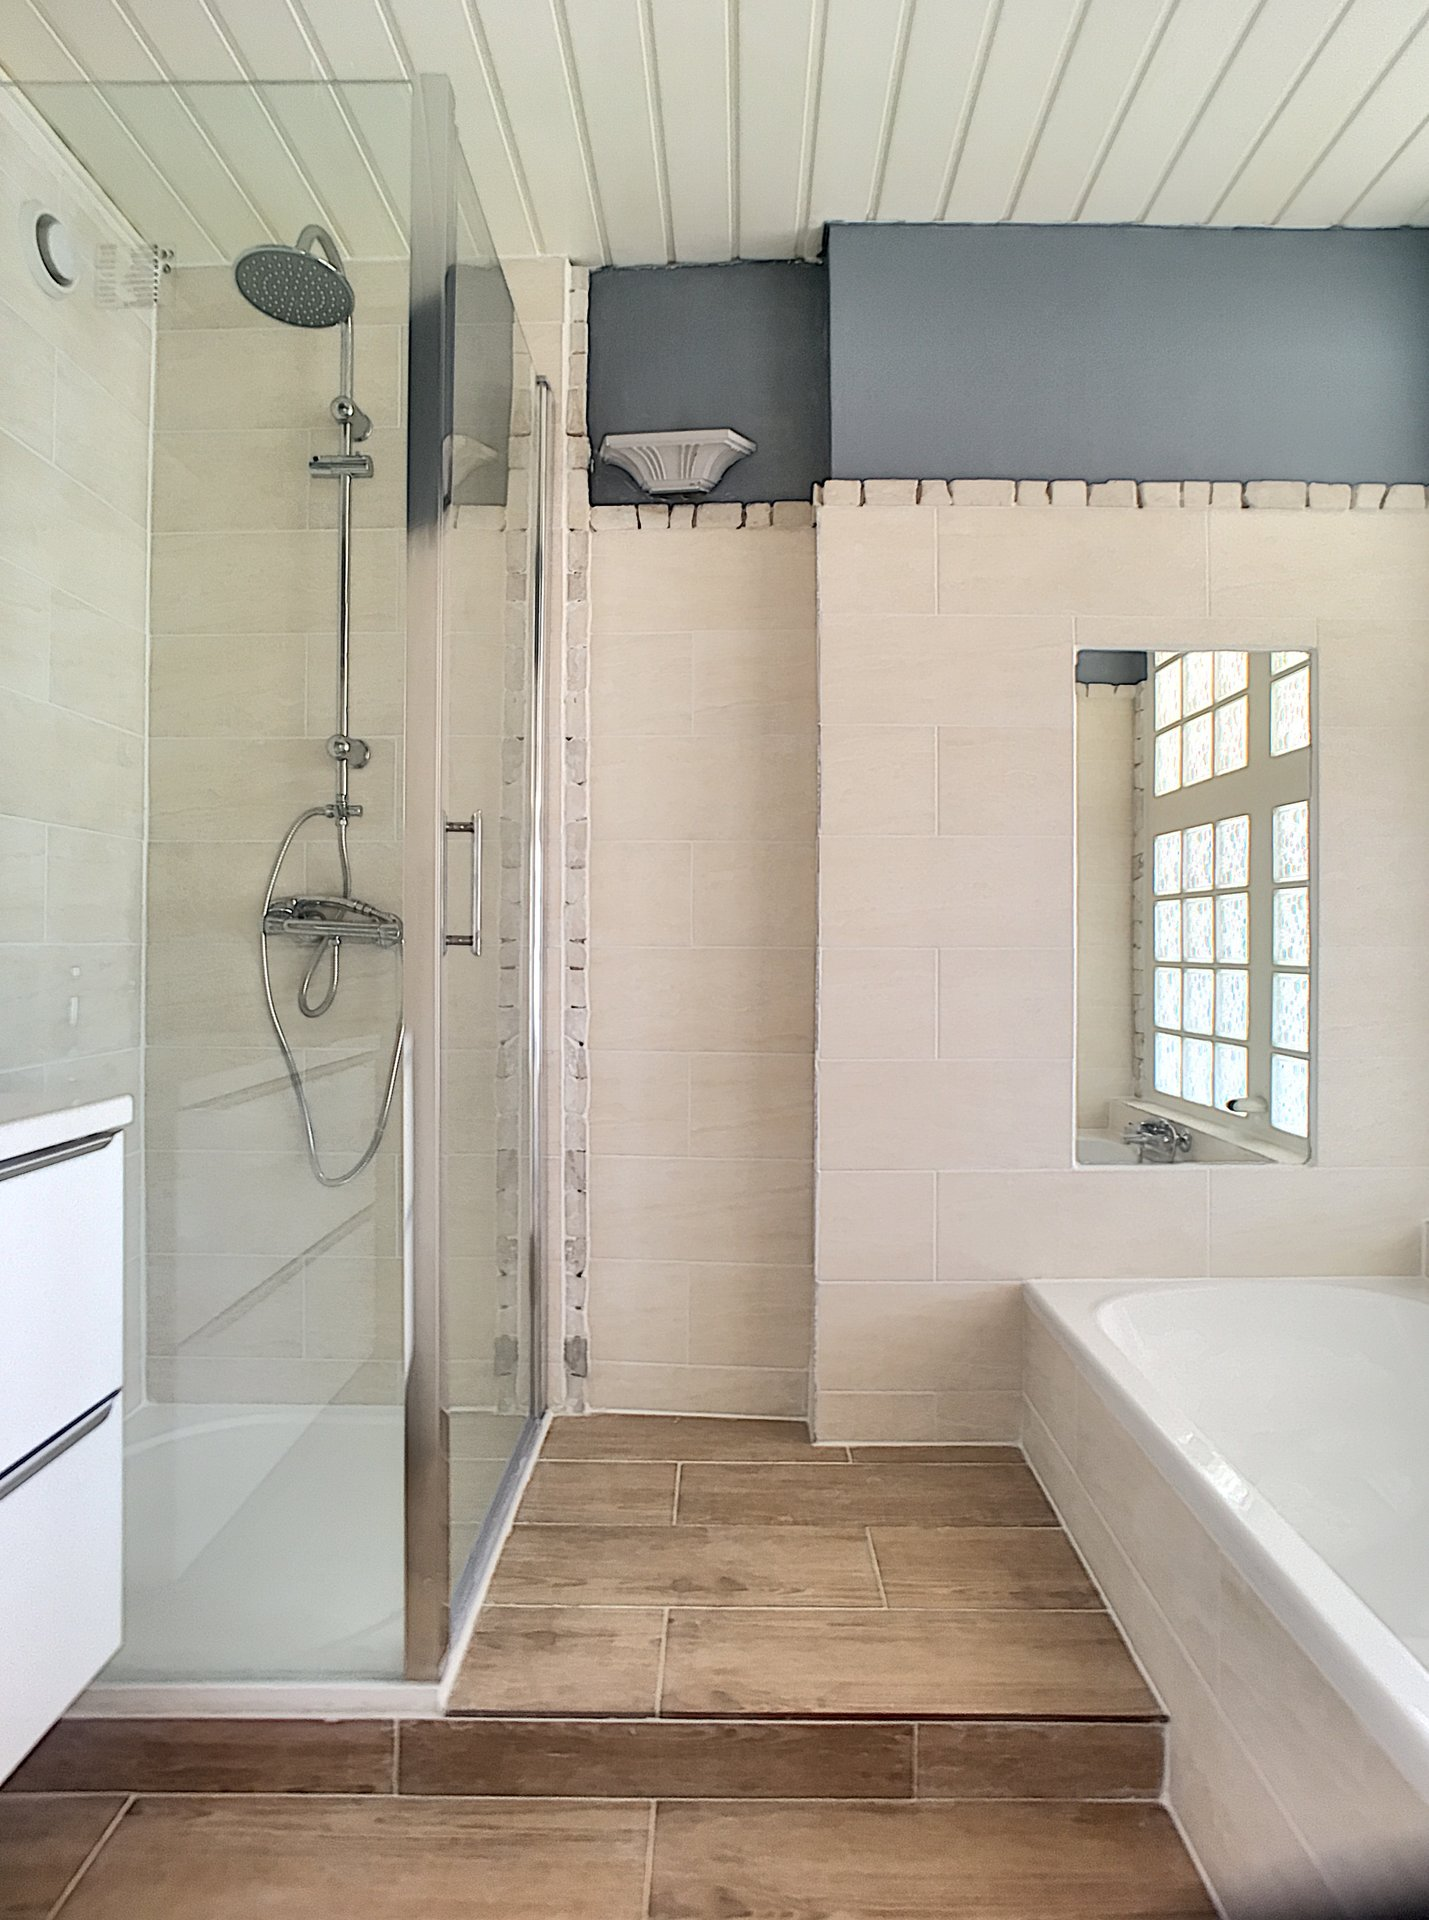 SAINT LAURENT DU VAR (06700) - Appartement - 2 chambres - 3 pièces